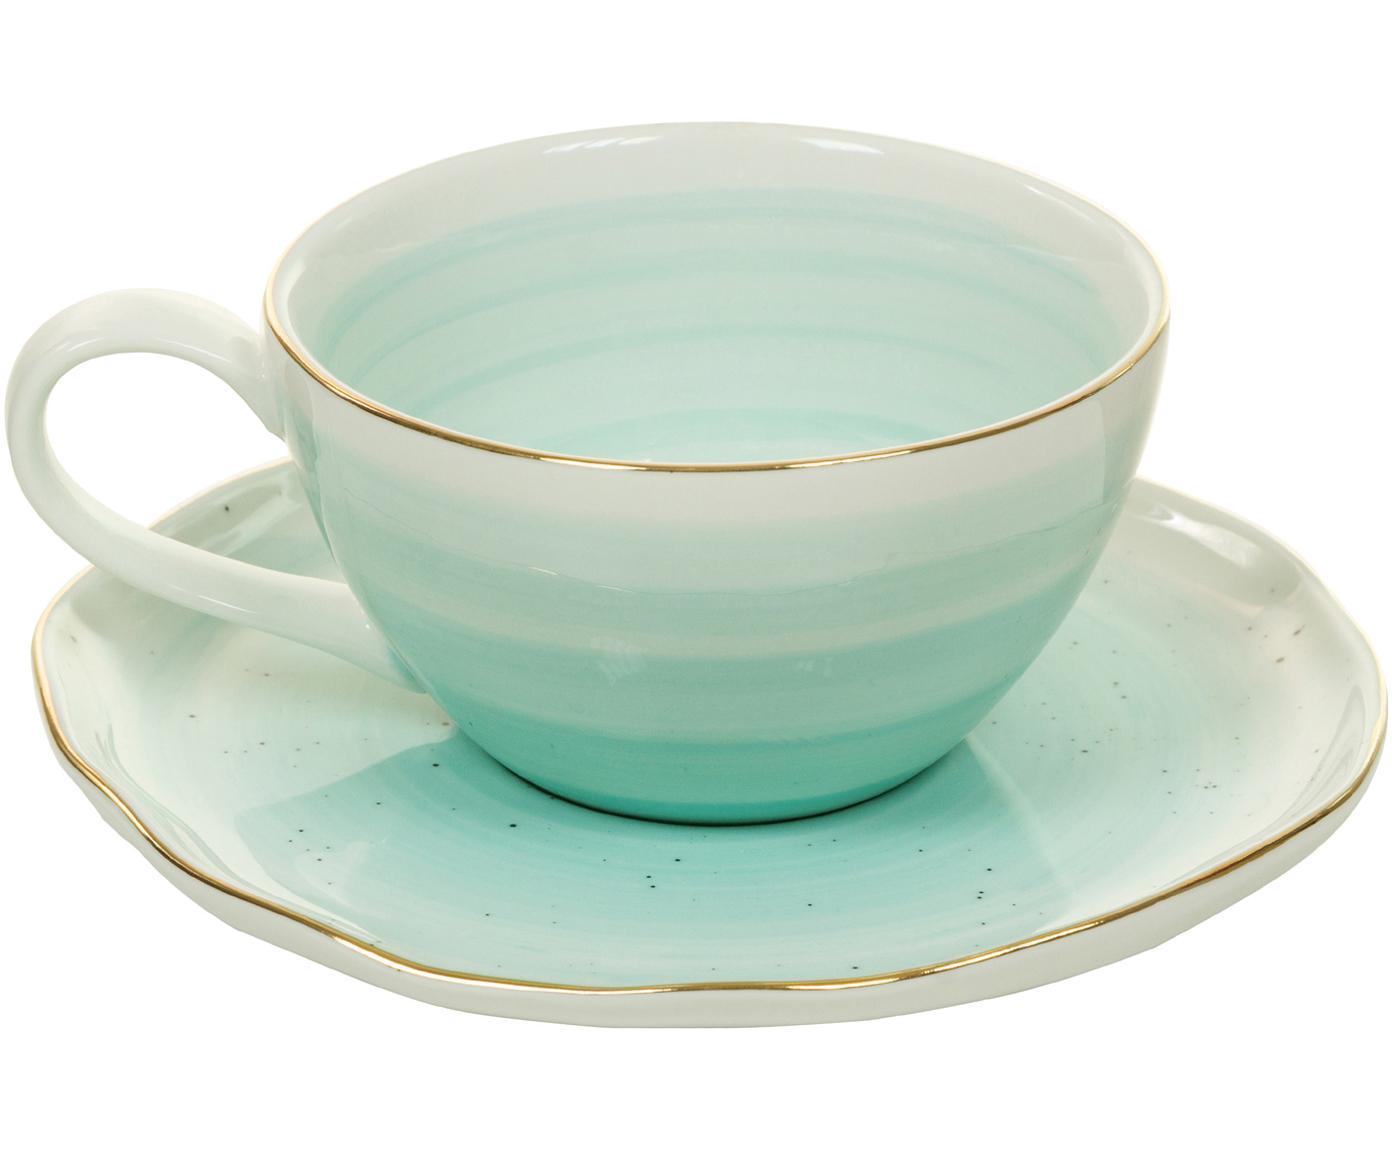 Tazas con platito artesanales Bol, 2uds., Porcelana, Azul turquesa, Ø 10 x Al 6 cm